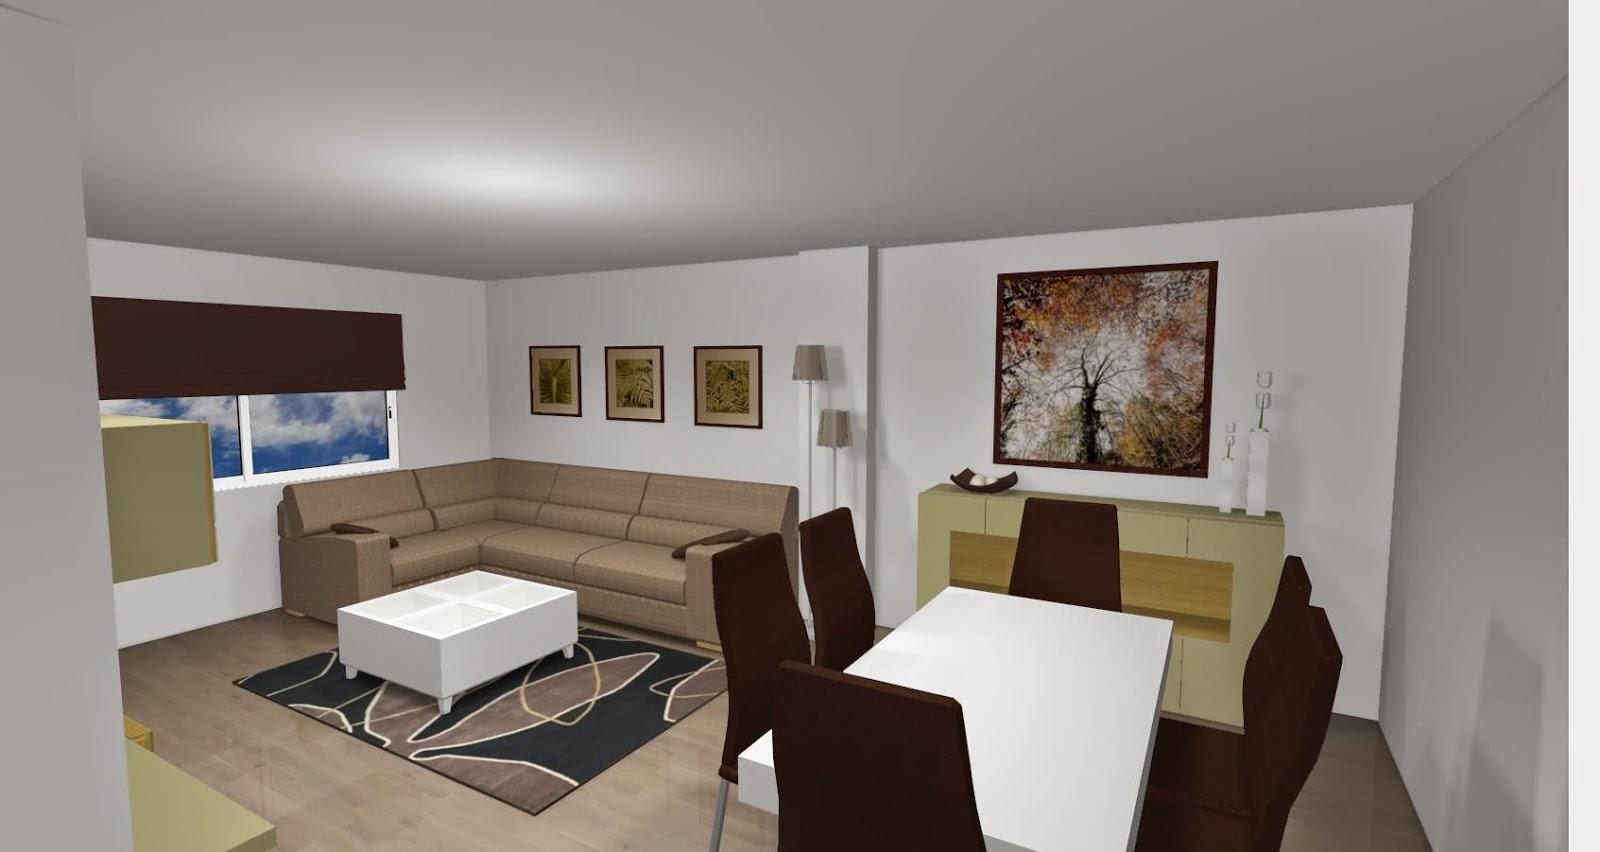 Tienda muebles modernos muebles de salon modernos salones for Salones modernos madrid